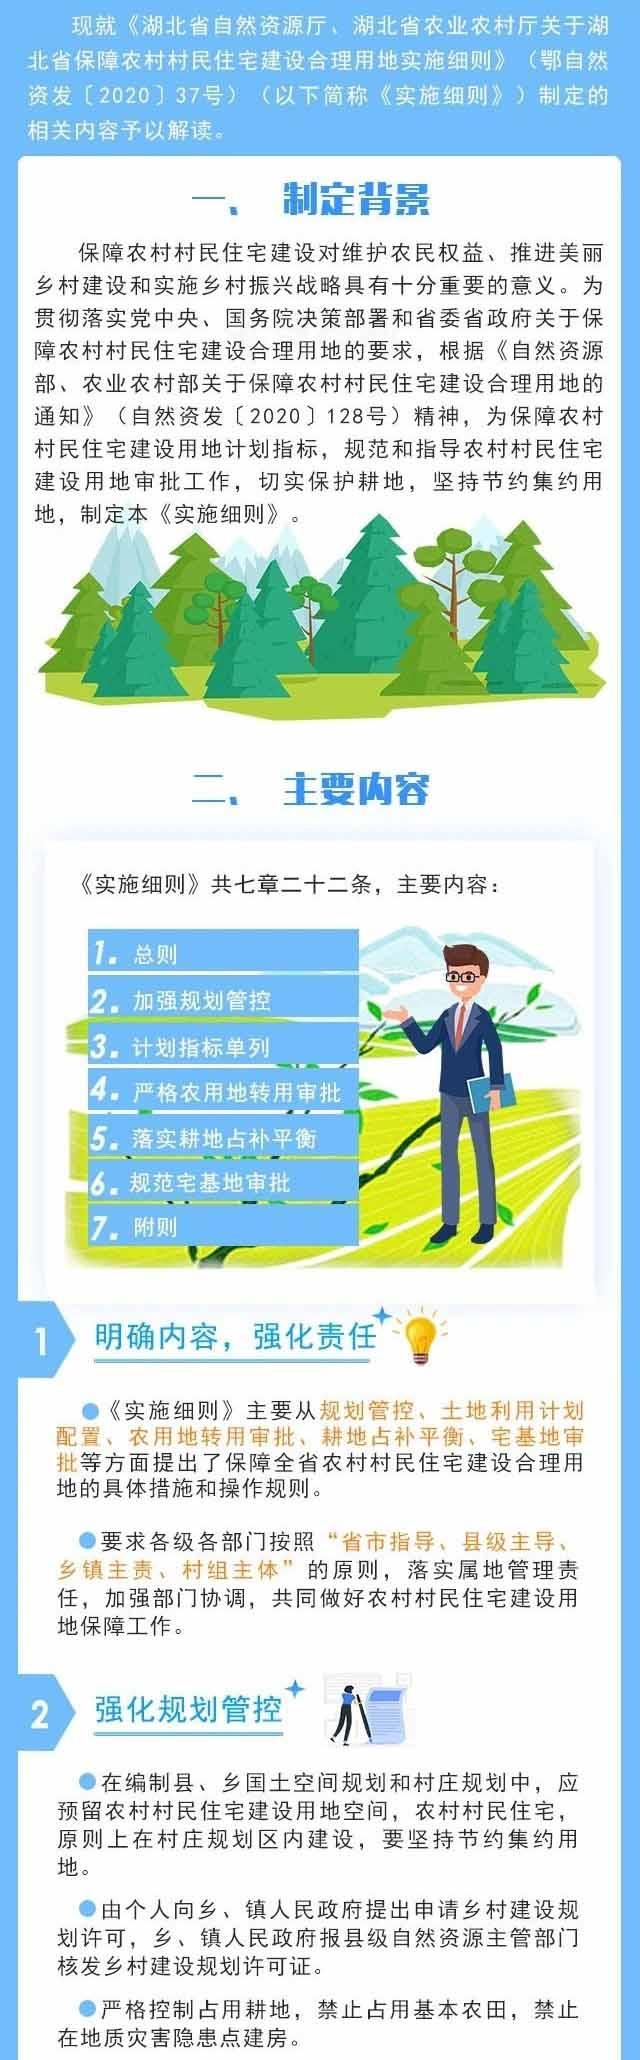 《湖北省保障农村村民住宅建设合理用地实施细则》政策解读